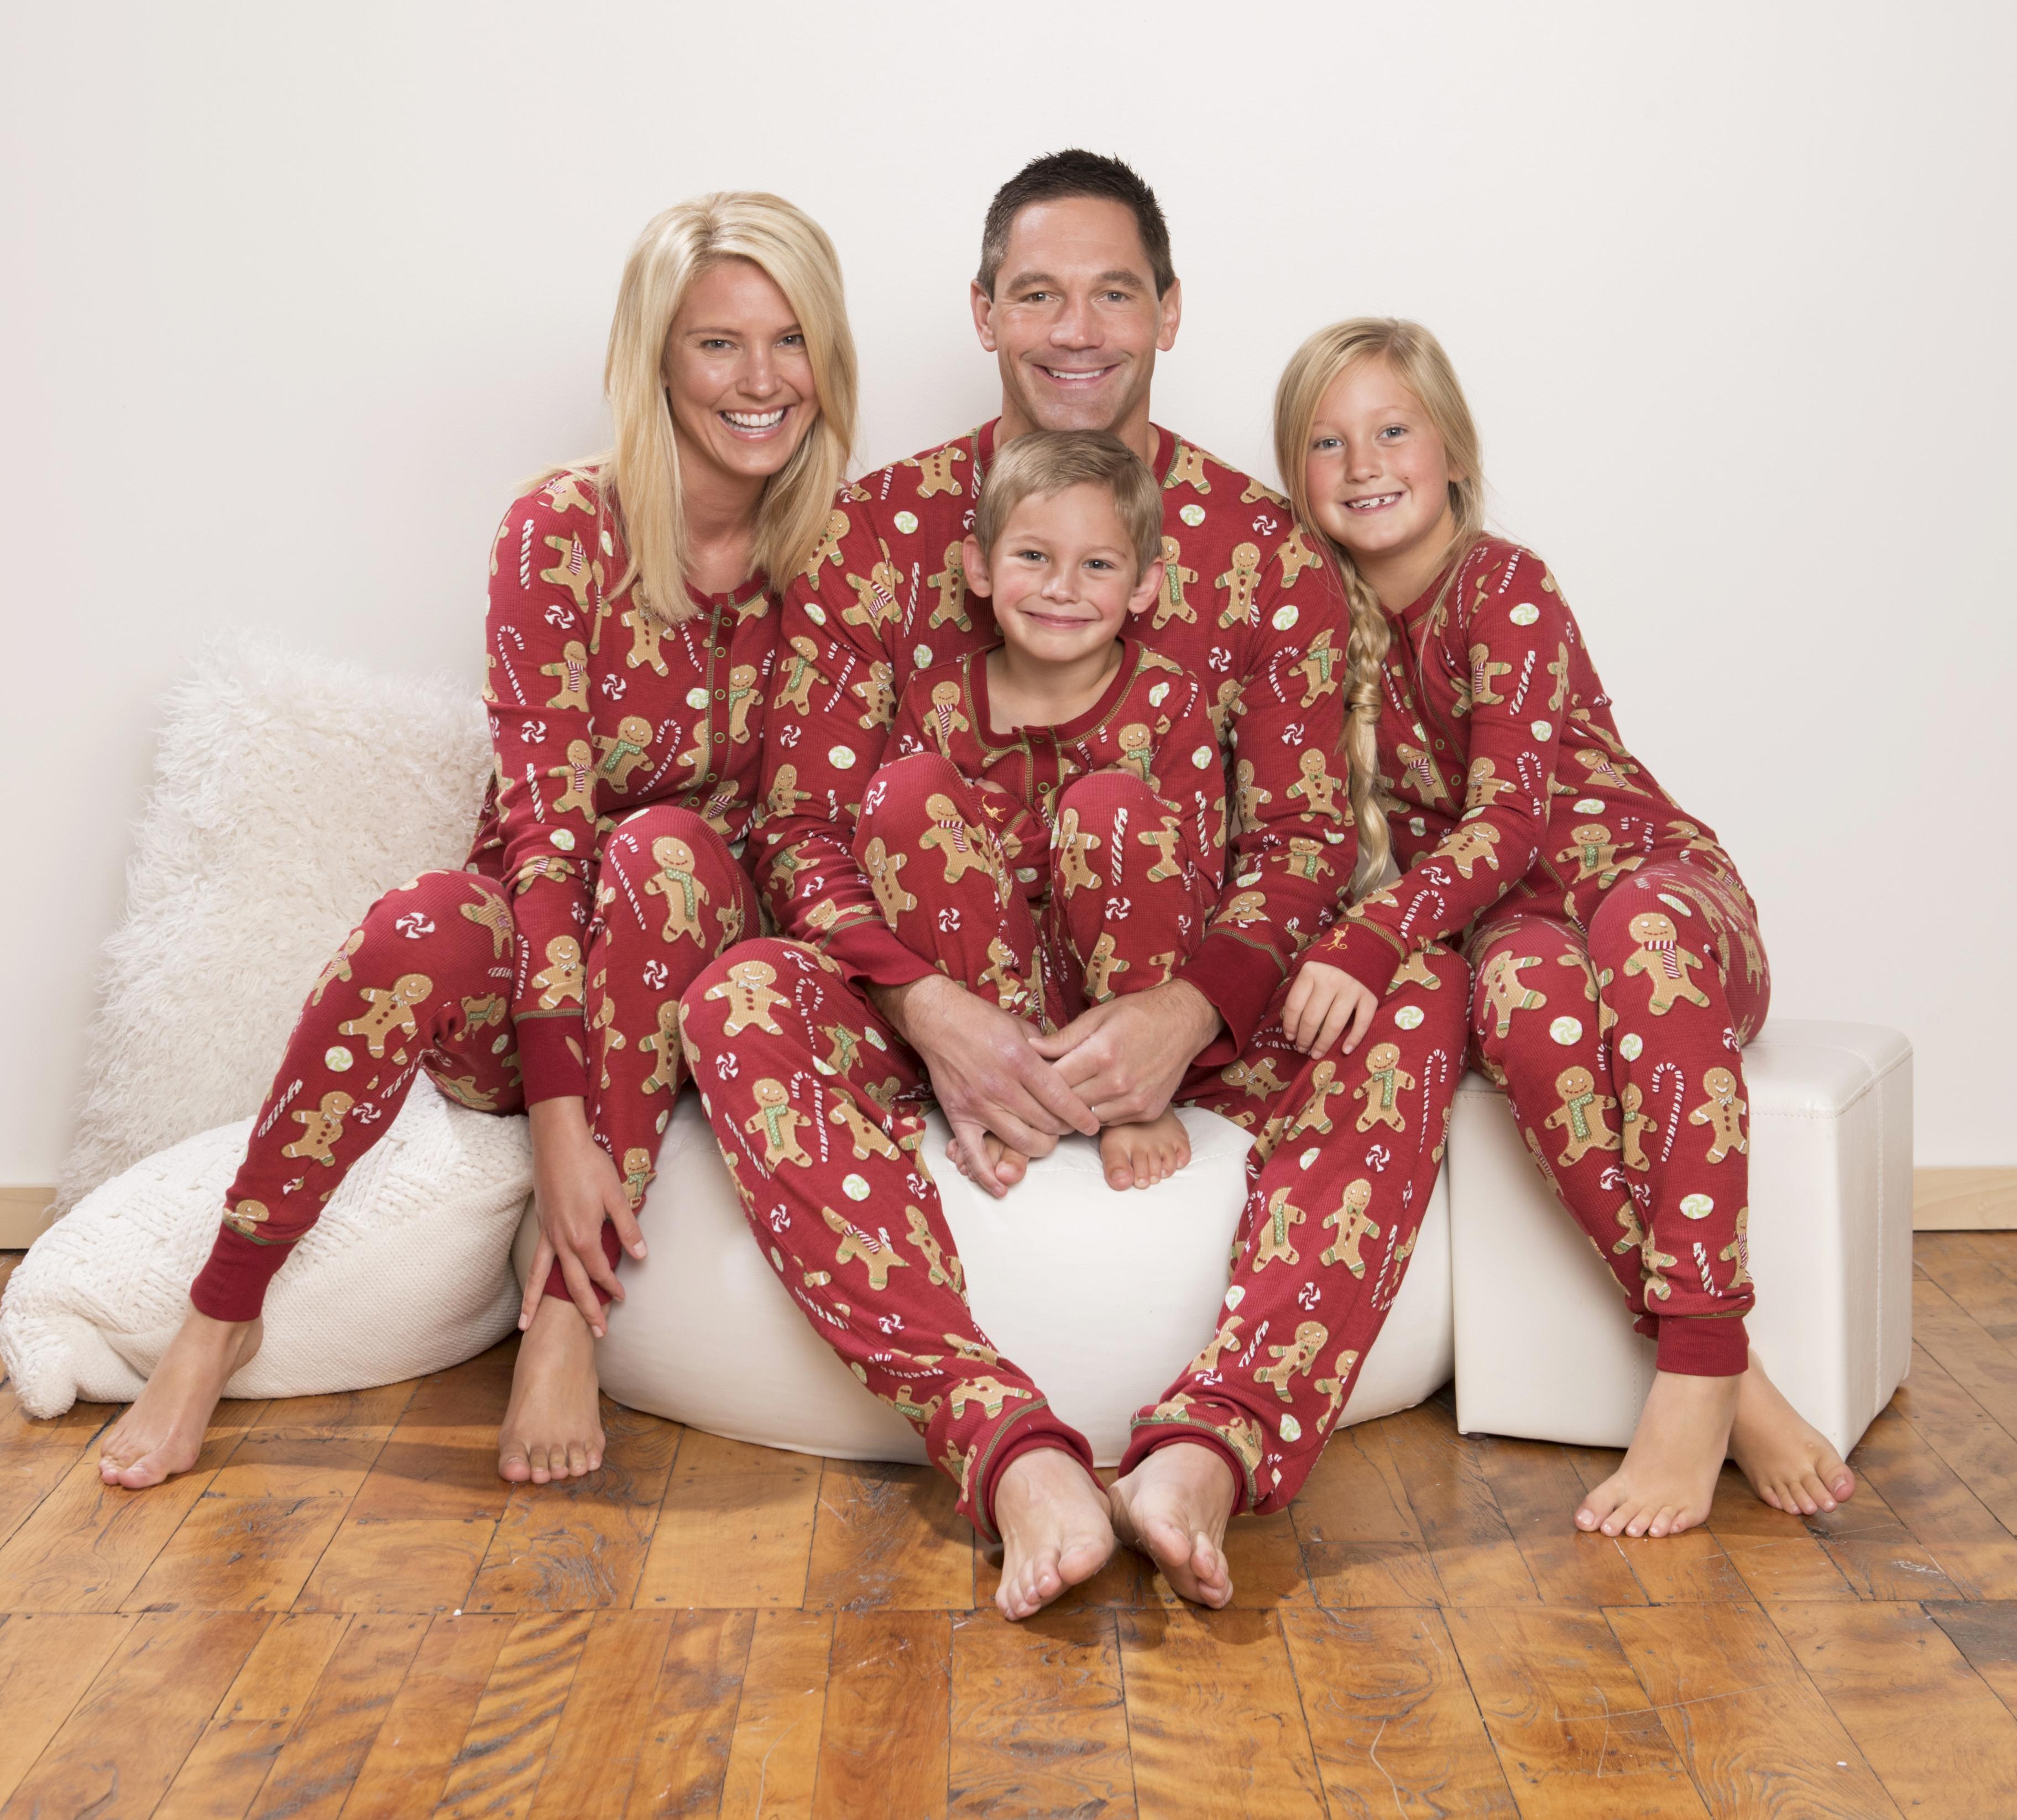 matching holiday pajamas from munki munki